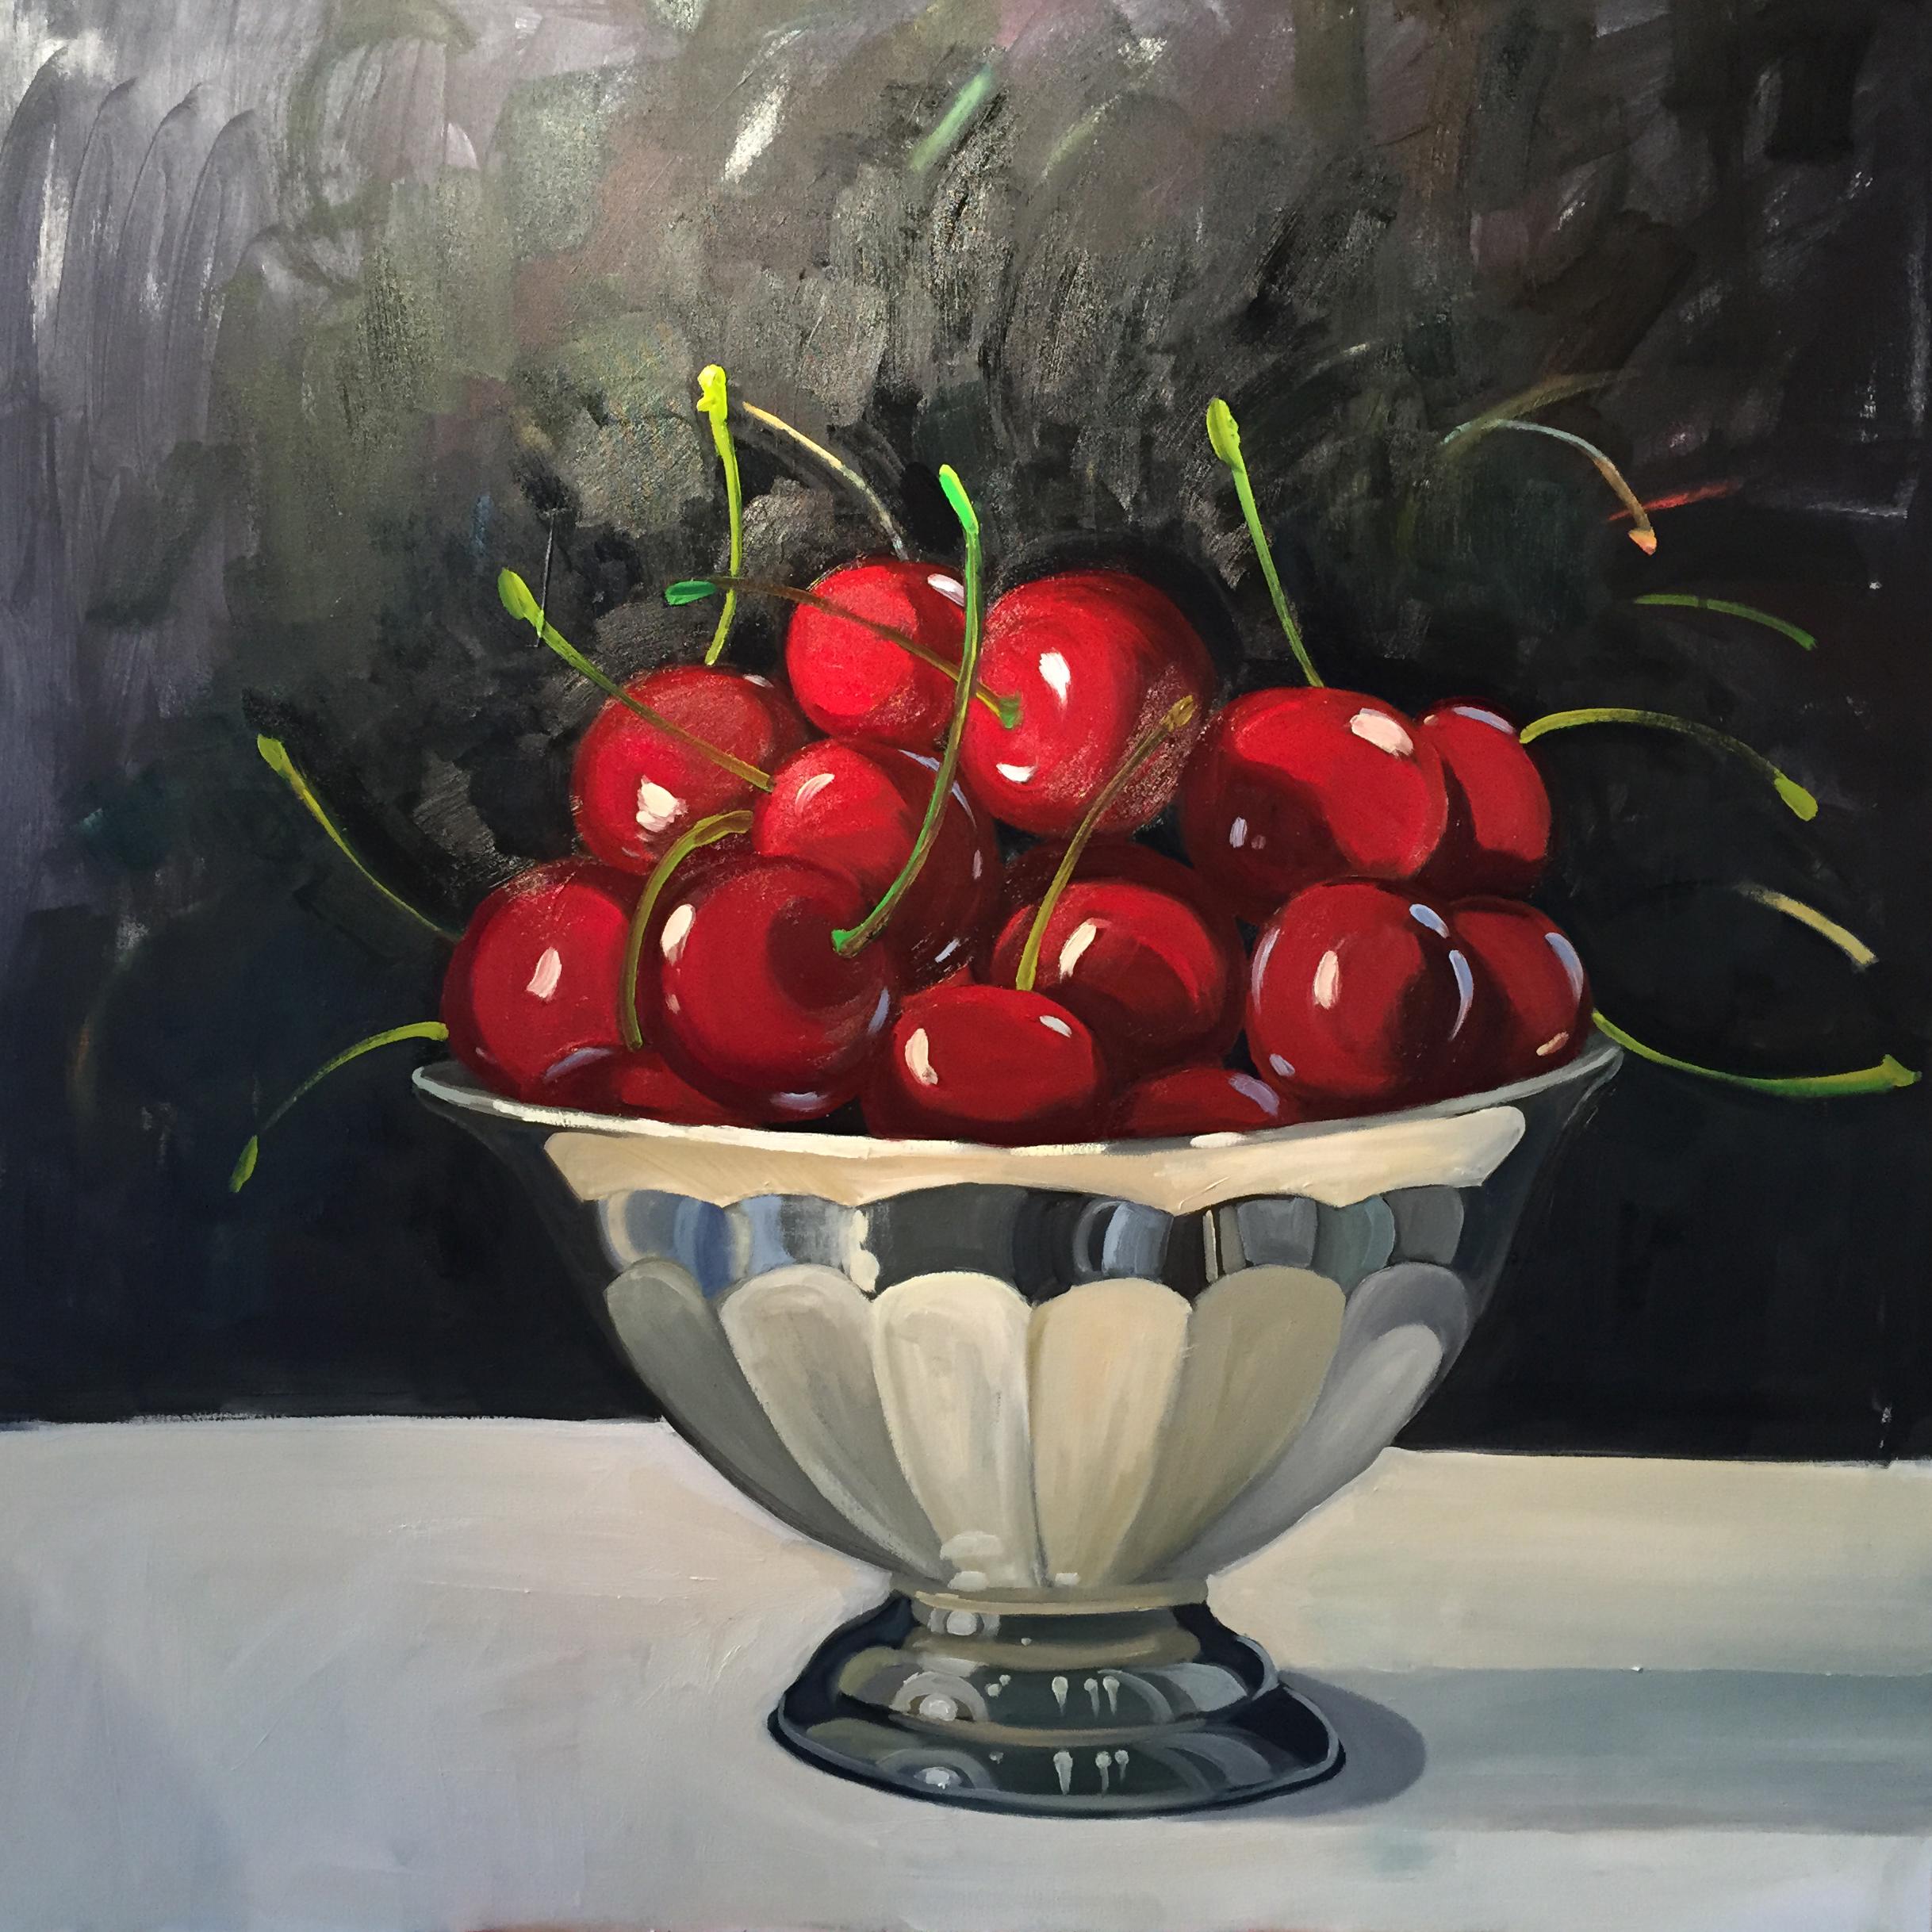 Glossy Cherries